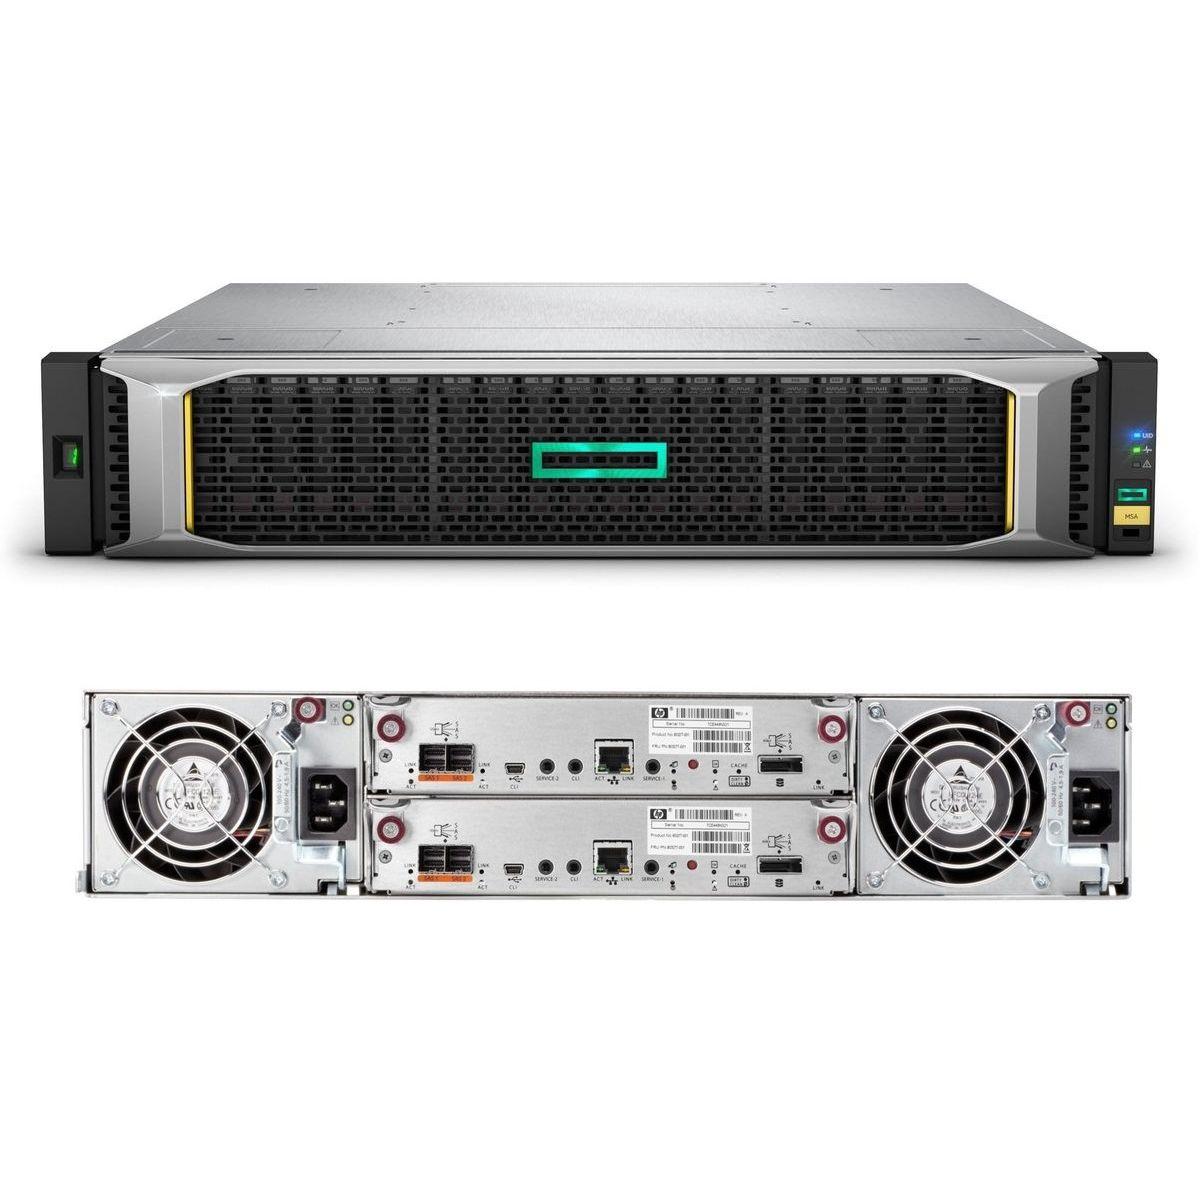 Система хранения HPE MSA 2052 x12 3.5 SAS 2x SAN DC (Q1J30A)